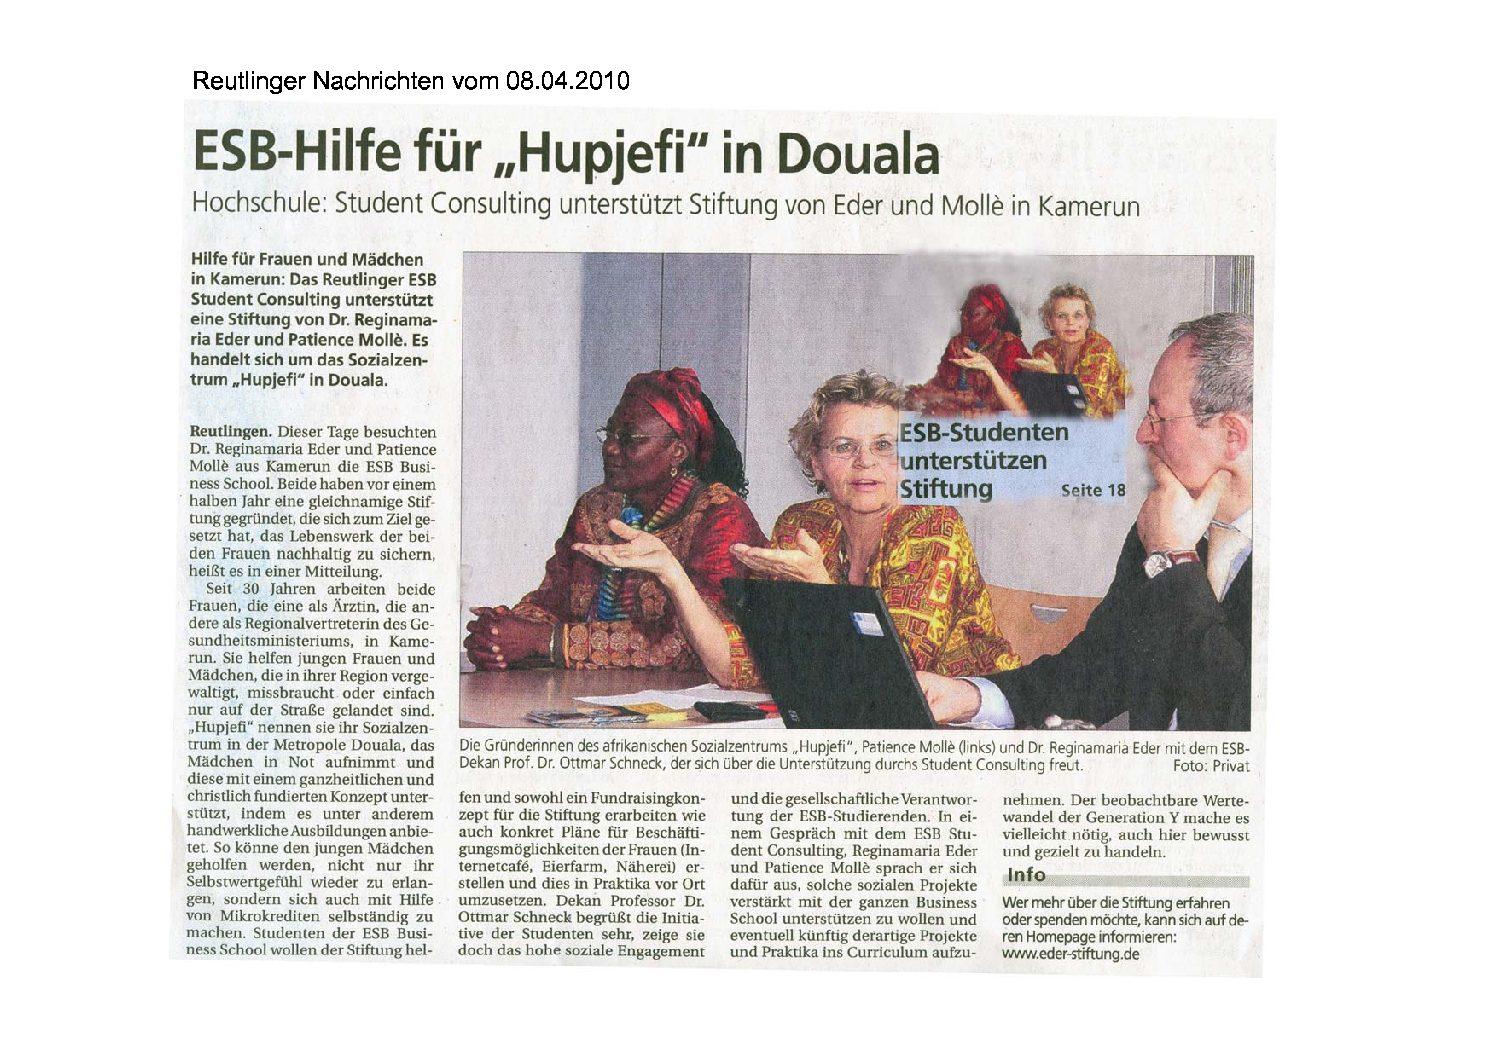 Reutlinger Nachrichten 08.04.2010